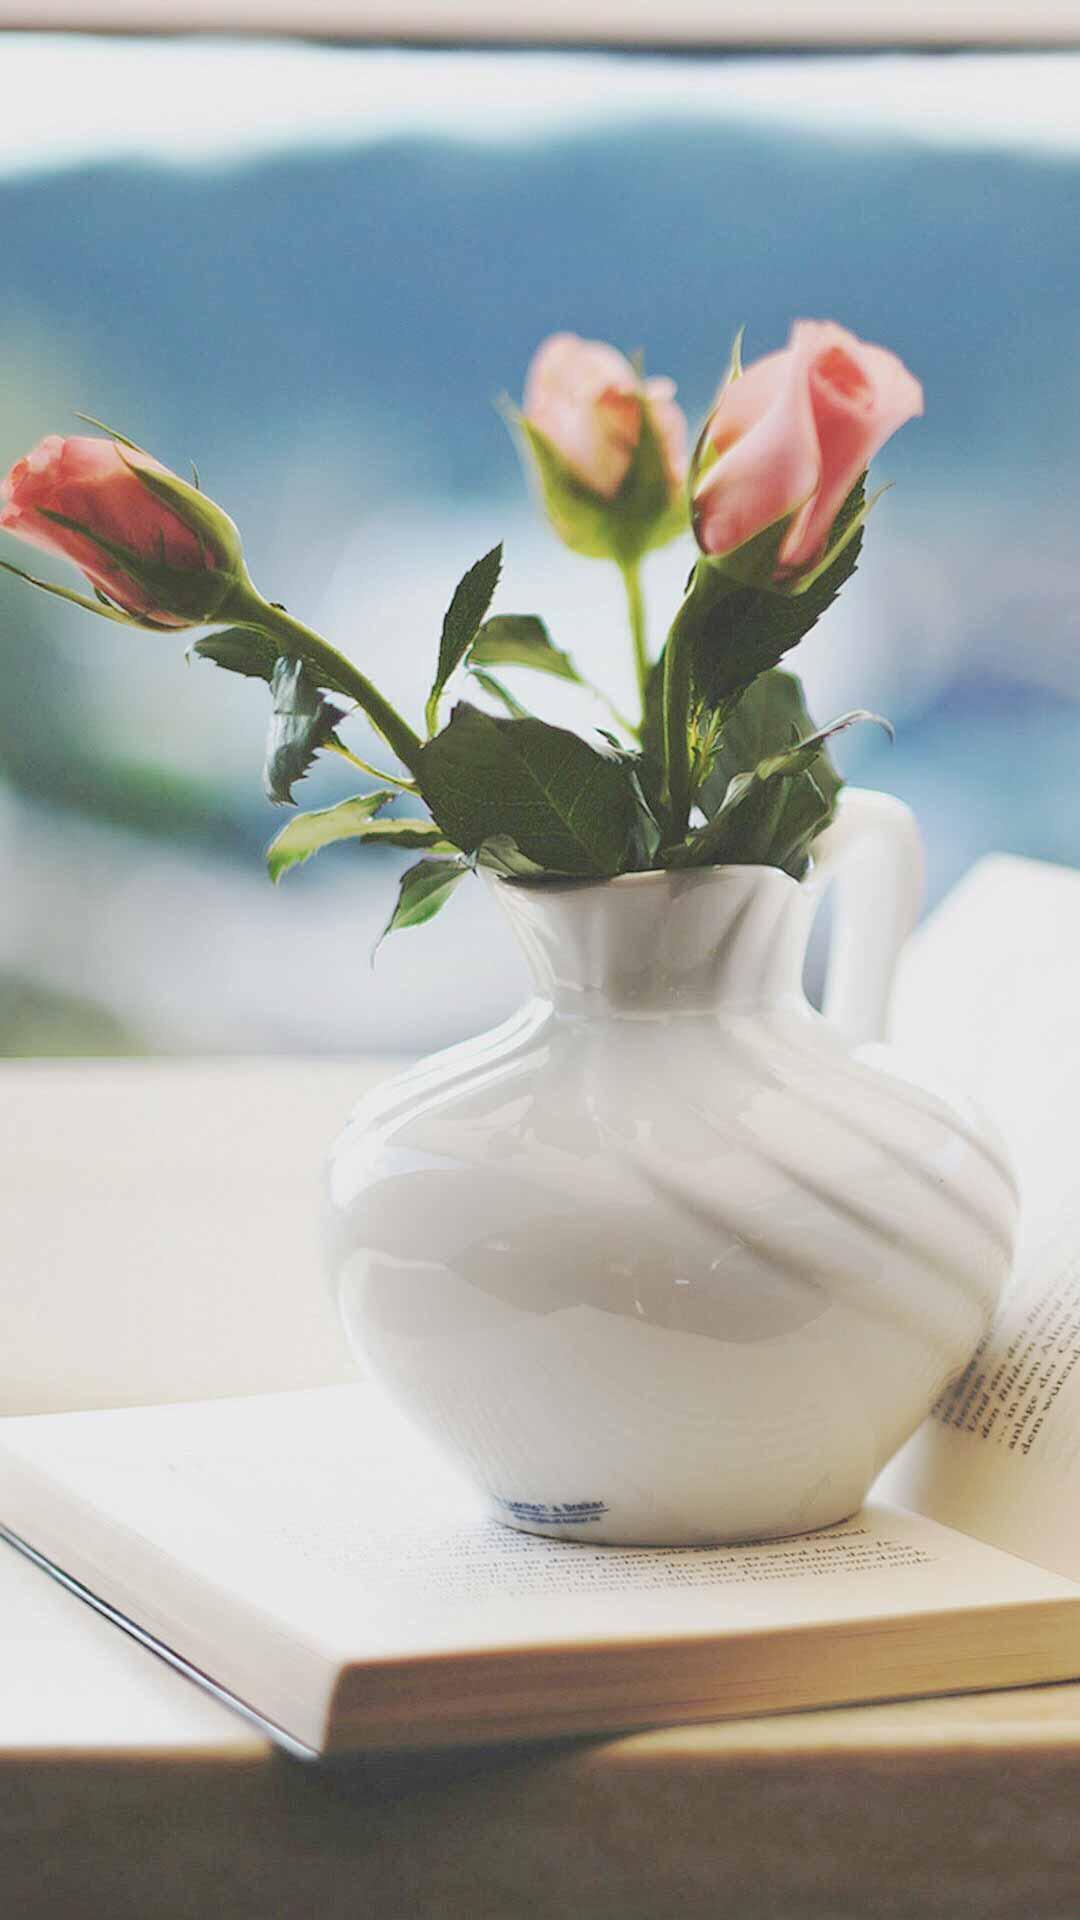 鲜花 唯美 简约 苹果手机高清壁纸 1080x1920 爱思助手图片